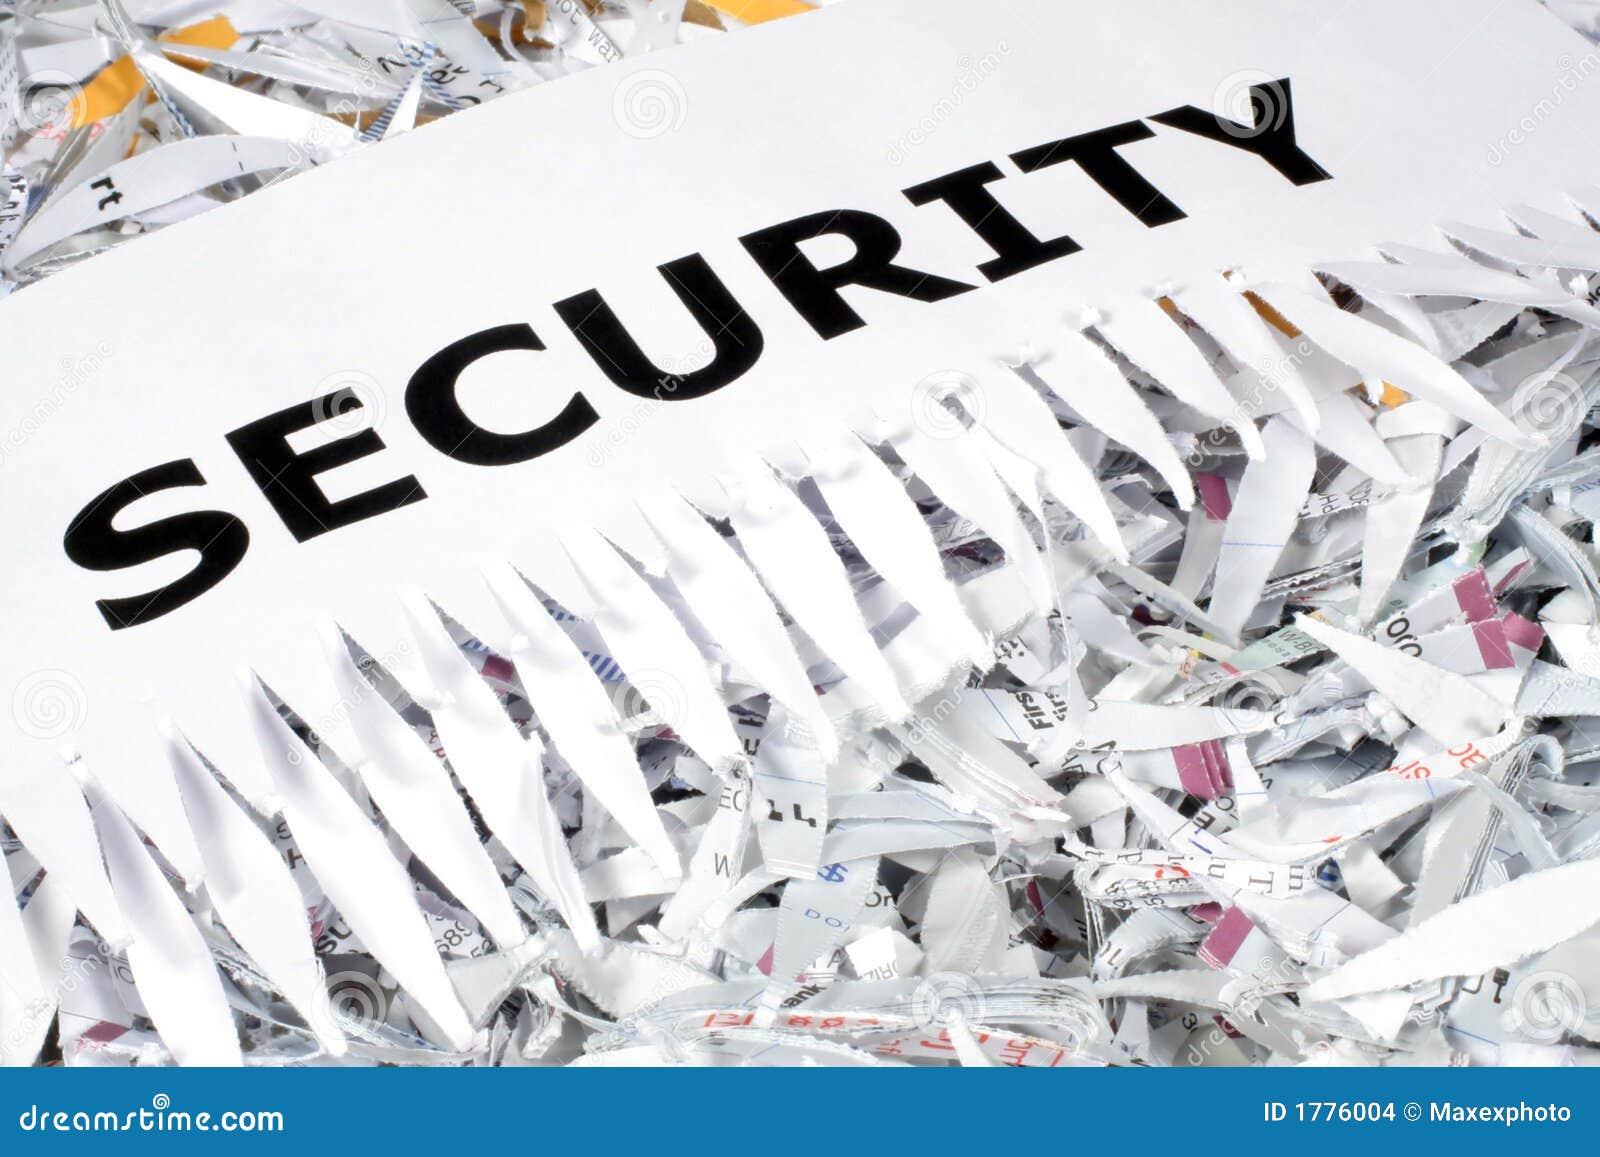 Seguridad de información